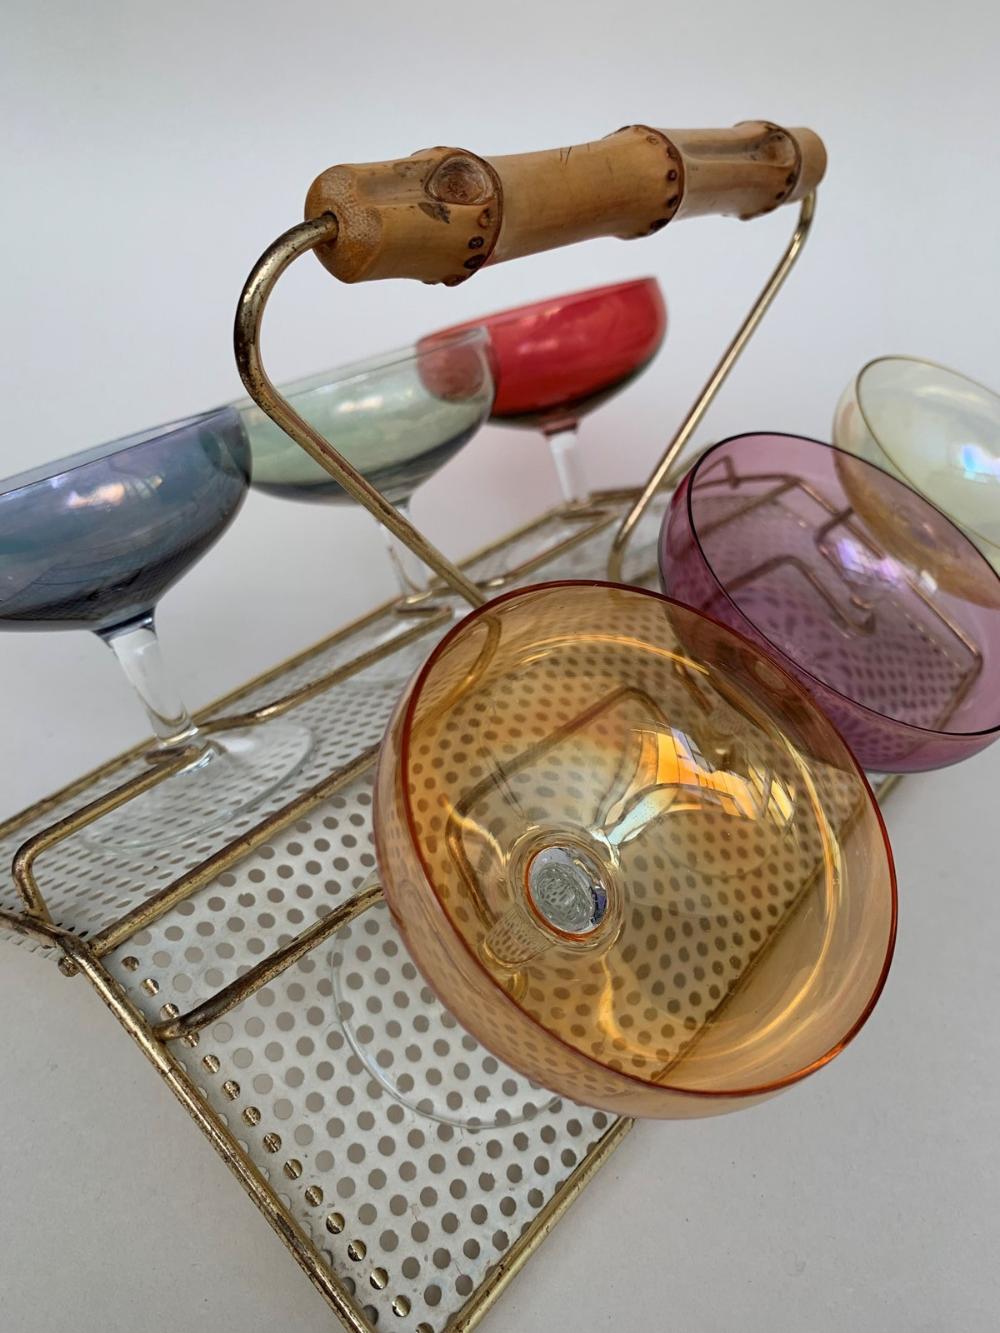 Apéritif set - Decorative Collective in 2020   Antiques ...